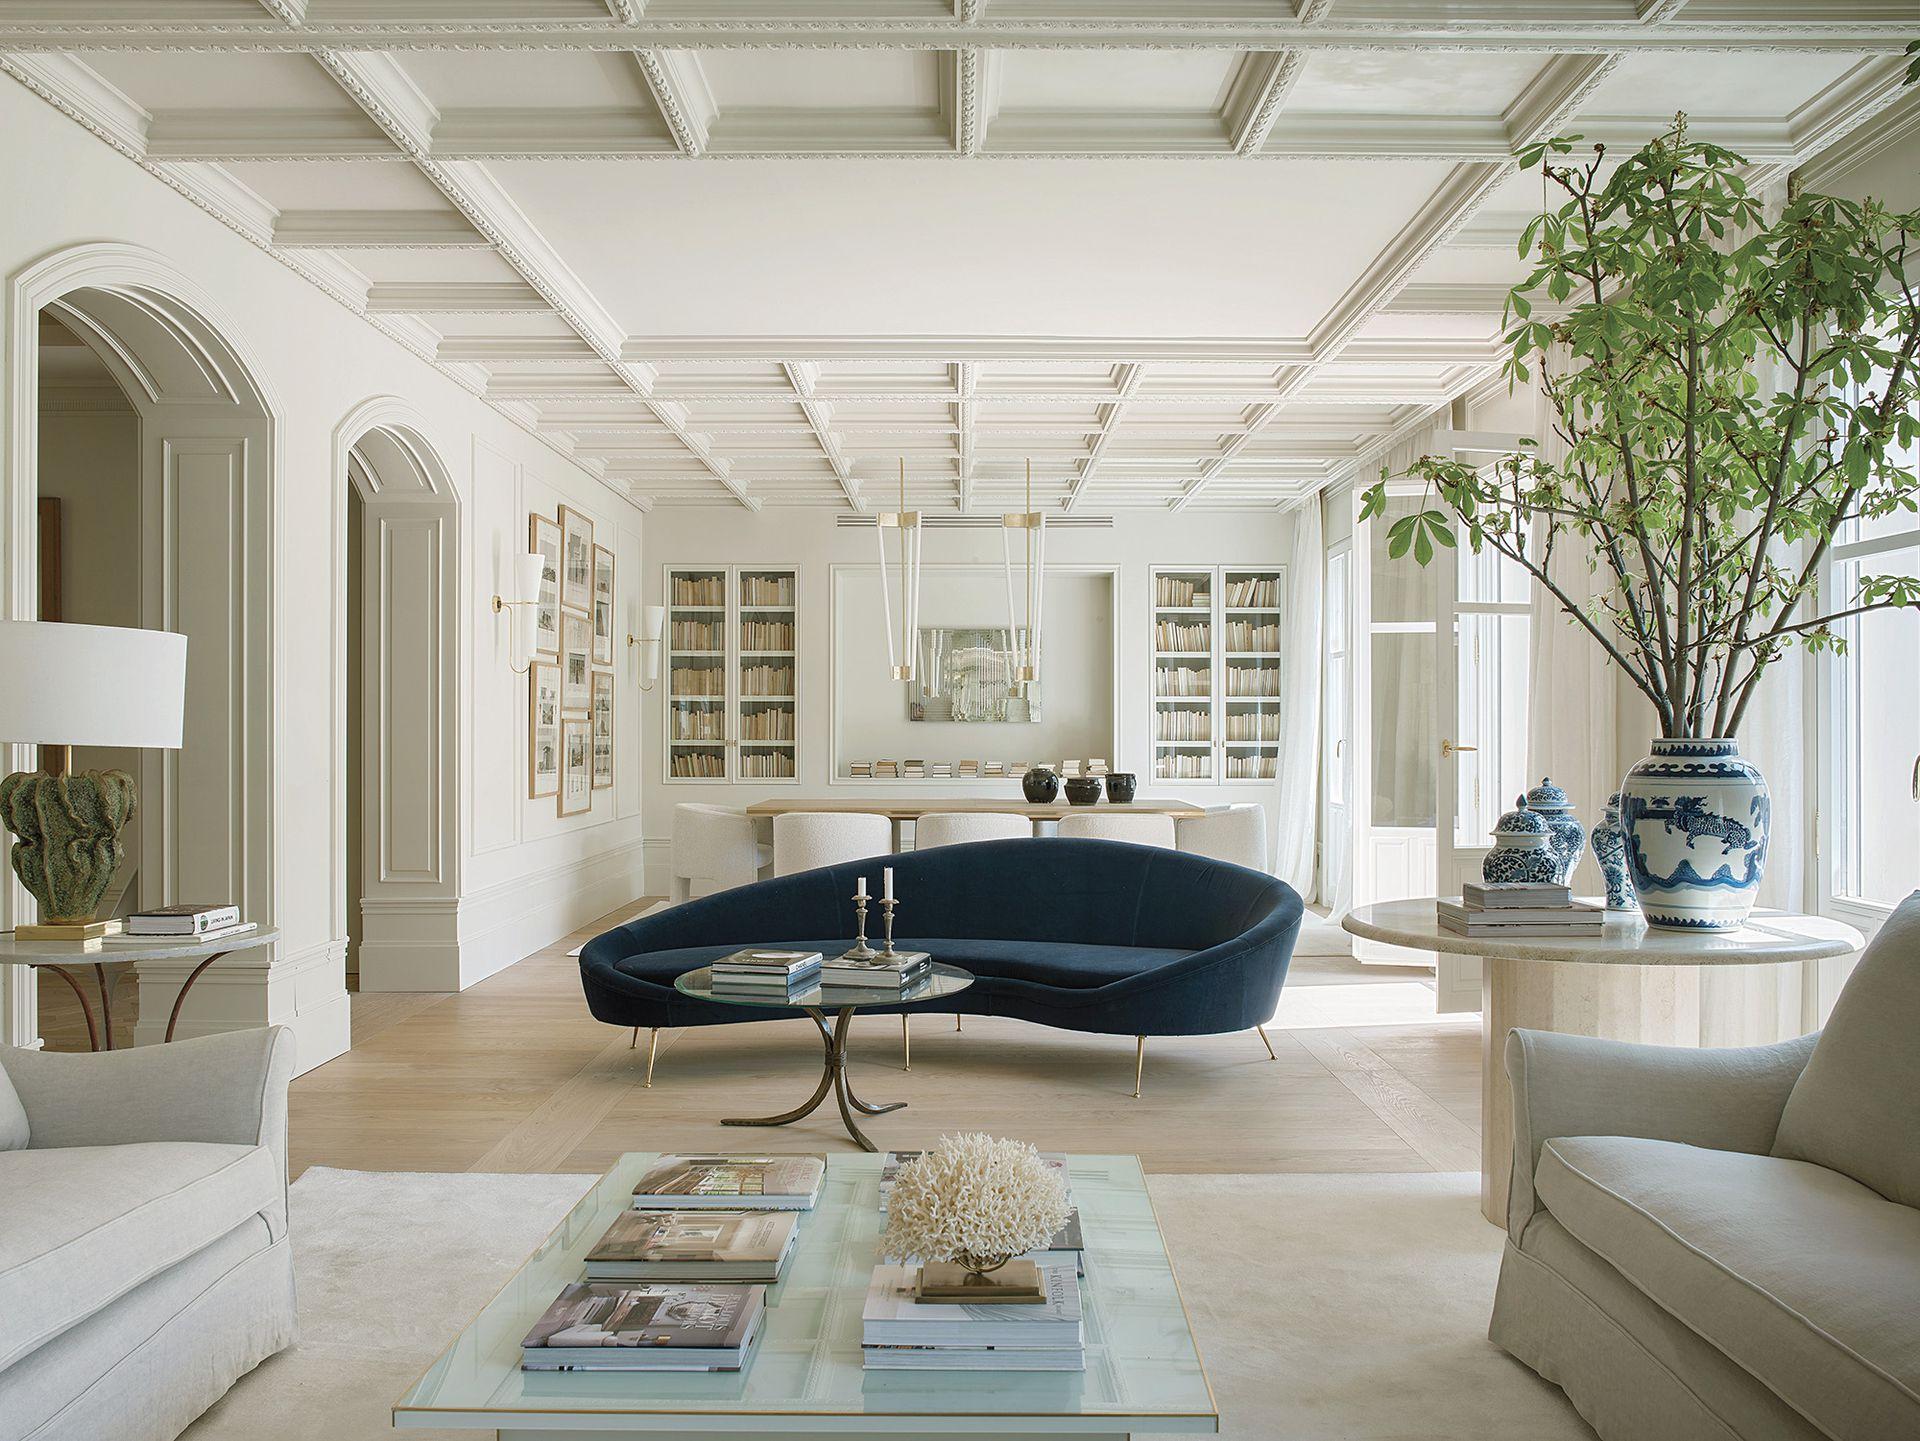 El sillón azul es un clásico moderno original del diseñador italiano Ico Parisi. Aunque es con un punto focal importante, aquí la clave viene desde arriba.